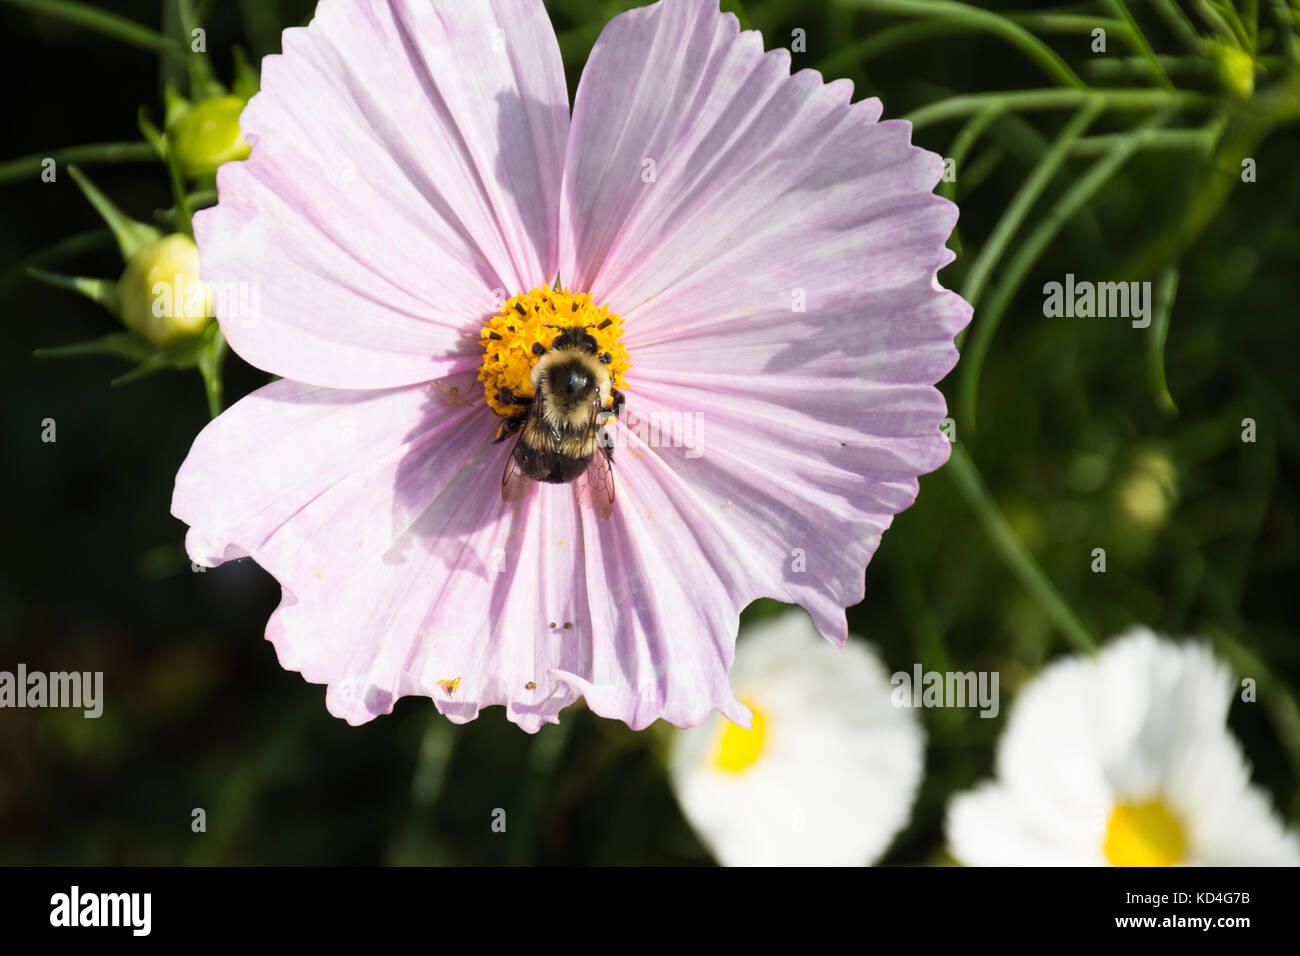 Nahaufnahme eines Bumble Bee Pollen sammeln in einem rosa Blume. Eine Spinne ist auch auf einem Blütenblatt Stockbild